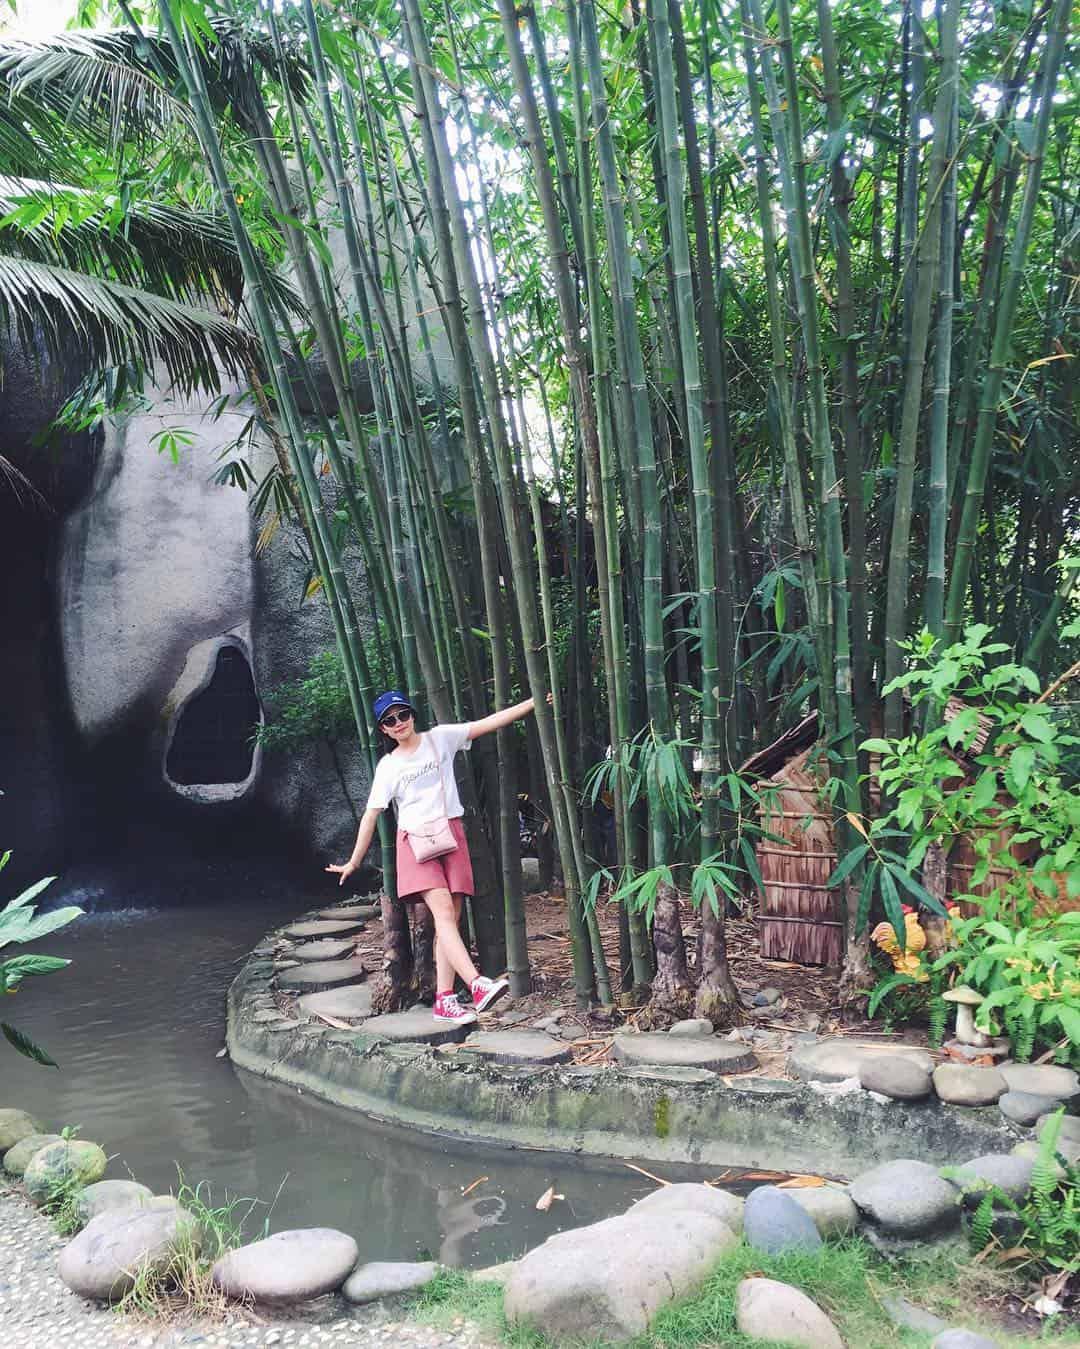 Khung cảnh đậm chất miệt vườn của làng du lịch Mỹ Khánh ở Cần Thơ